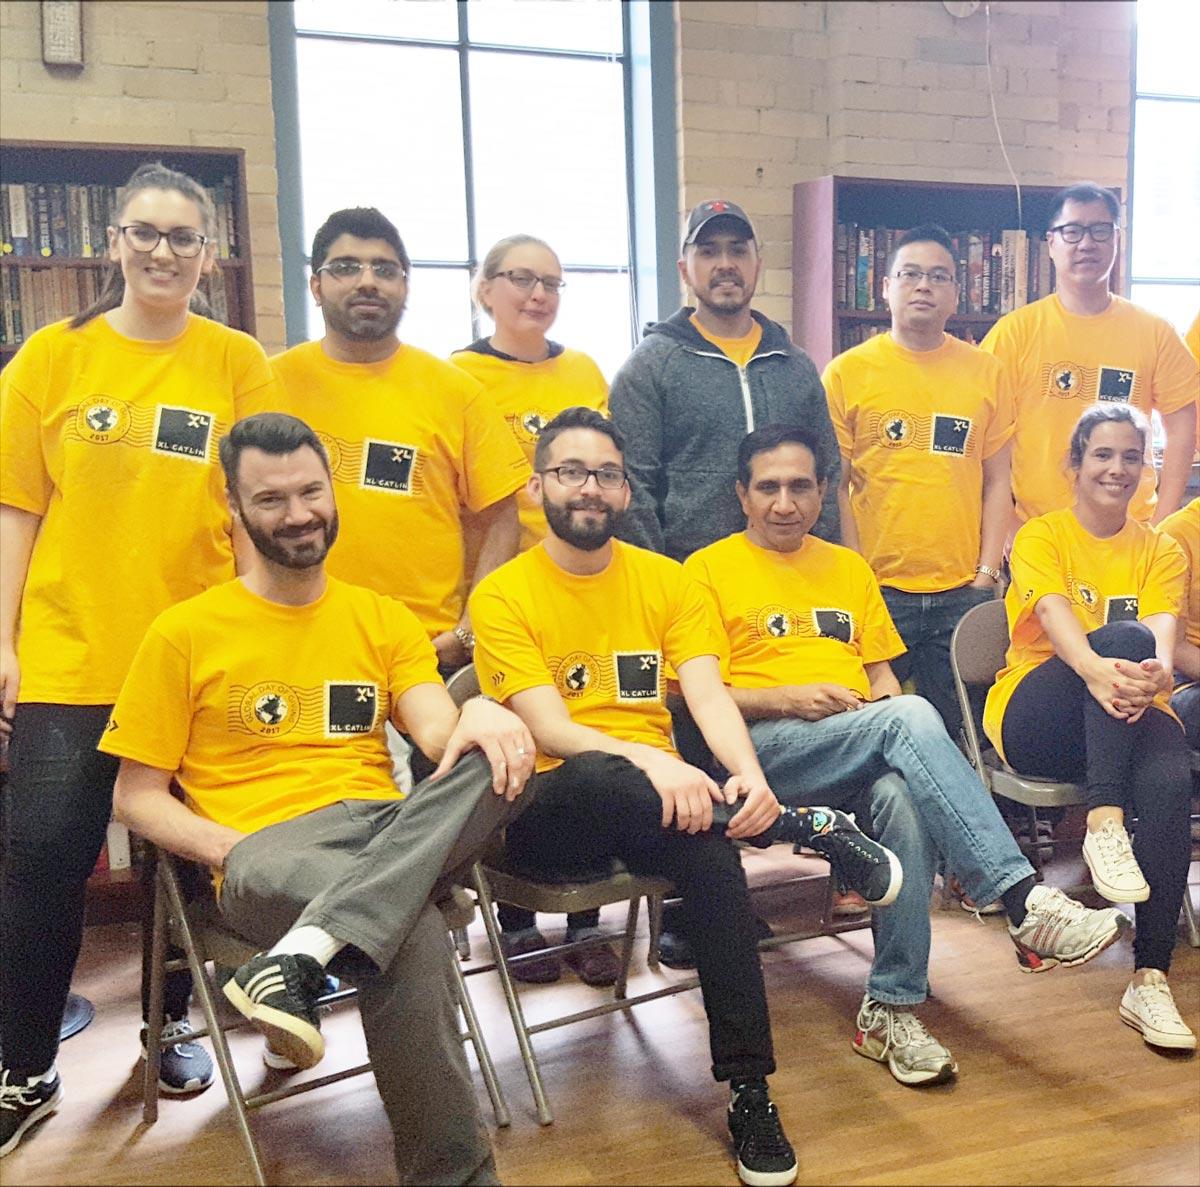 Volunteers in Yellow